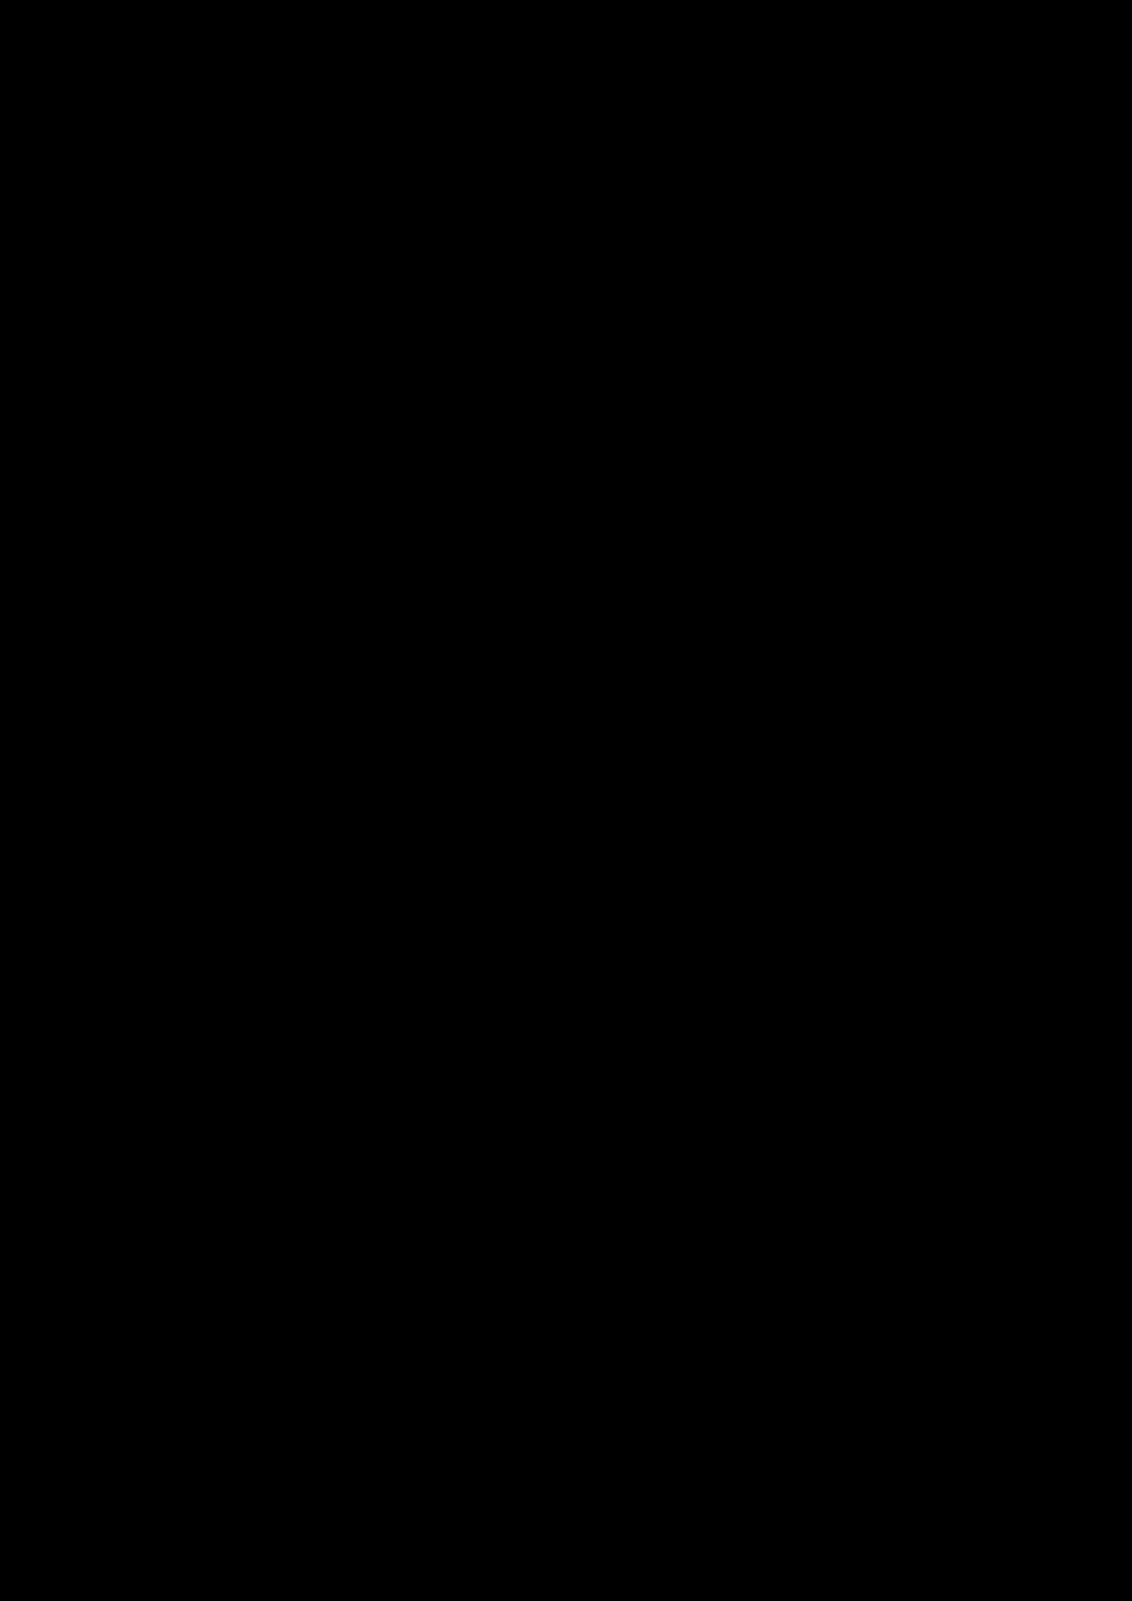 Zagadka volshebnoy stranyi slide, Image 20